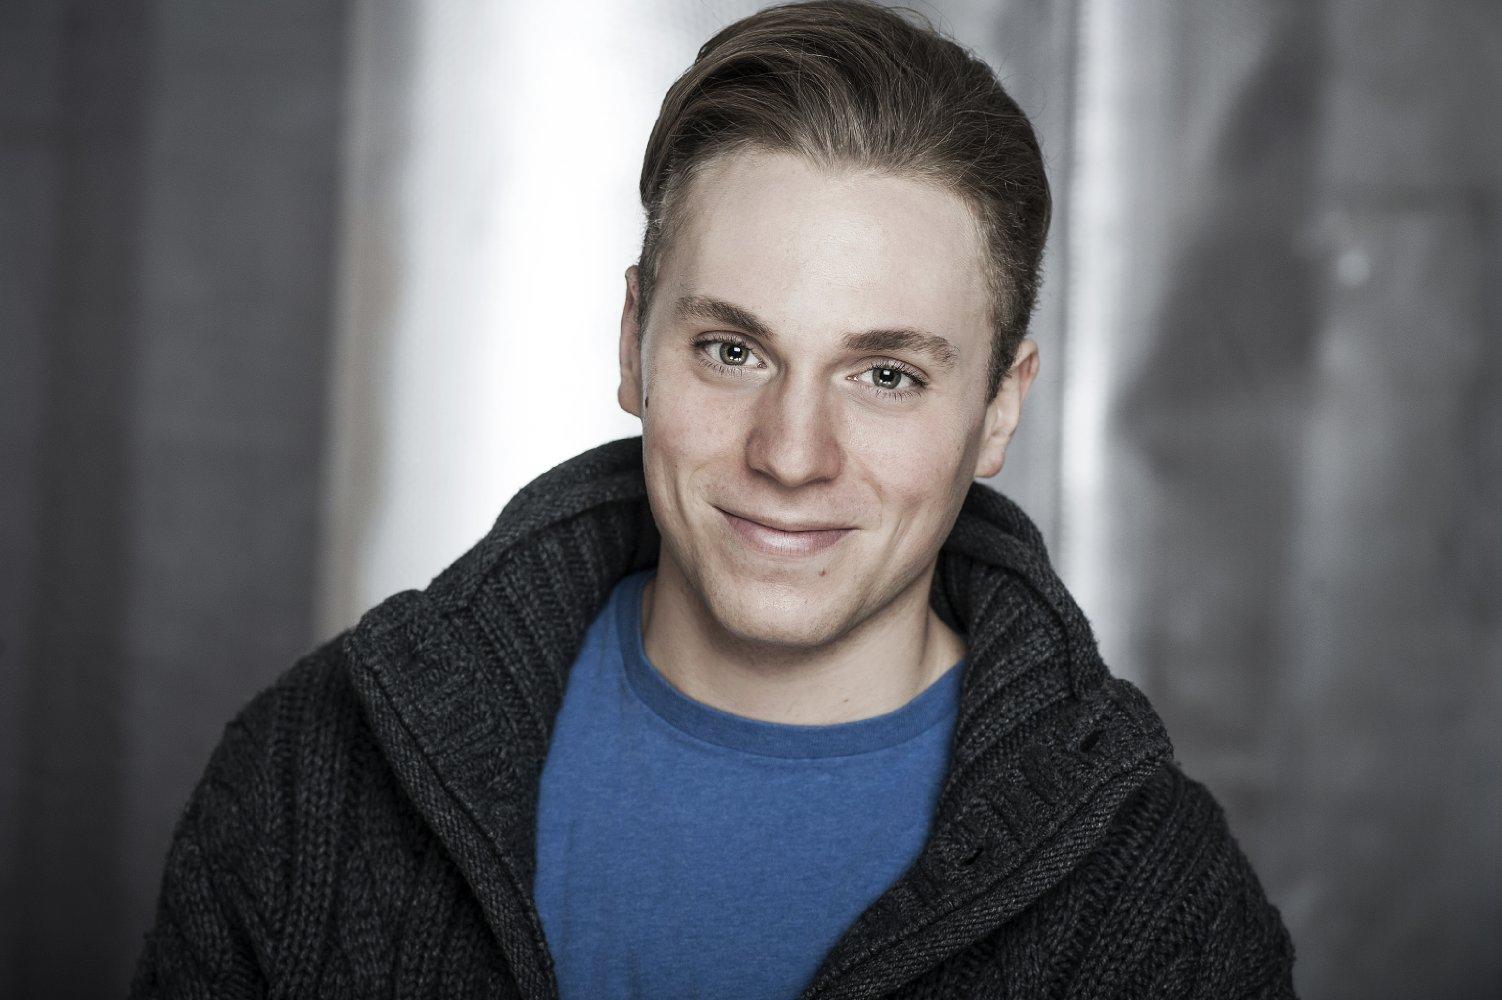 Ryan Taerk